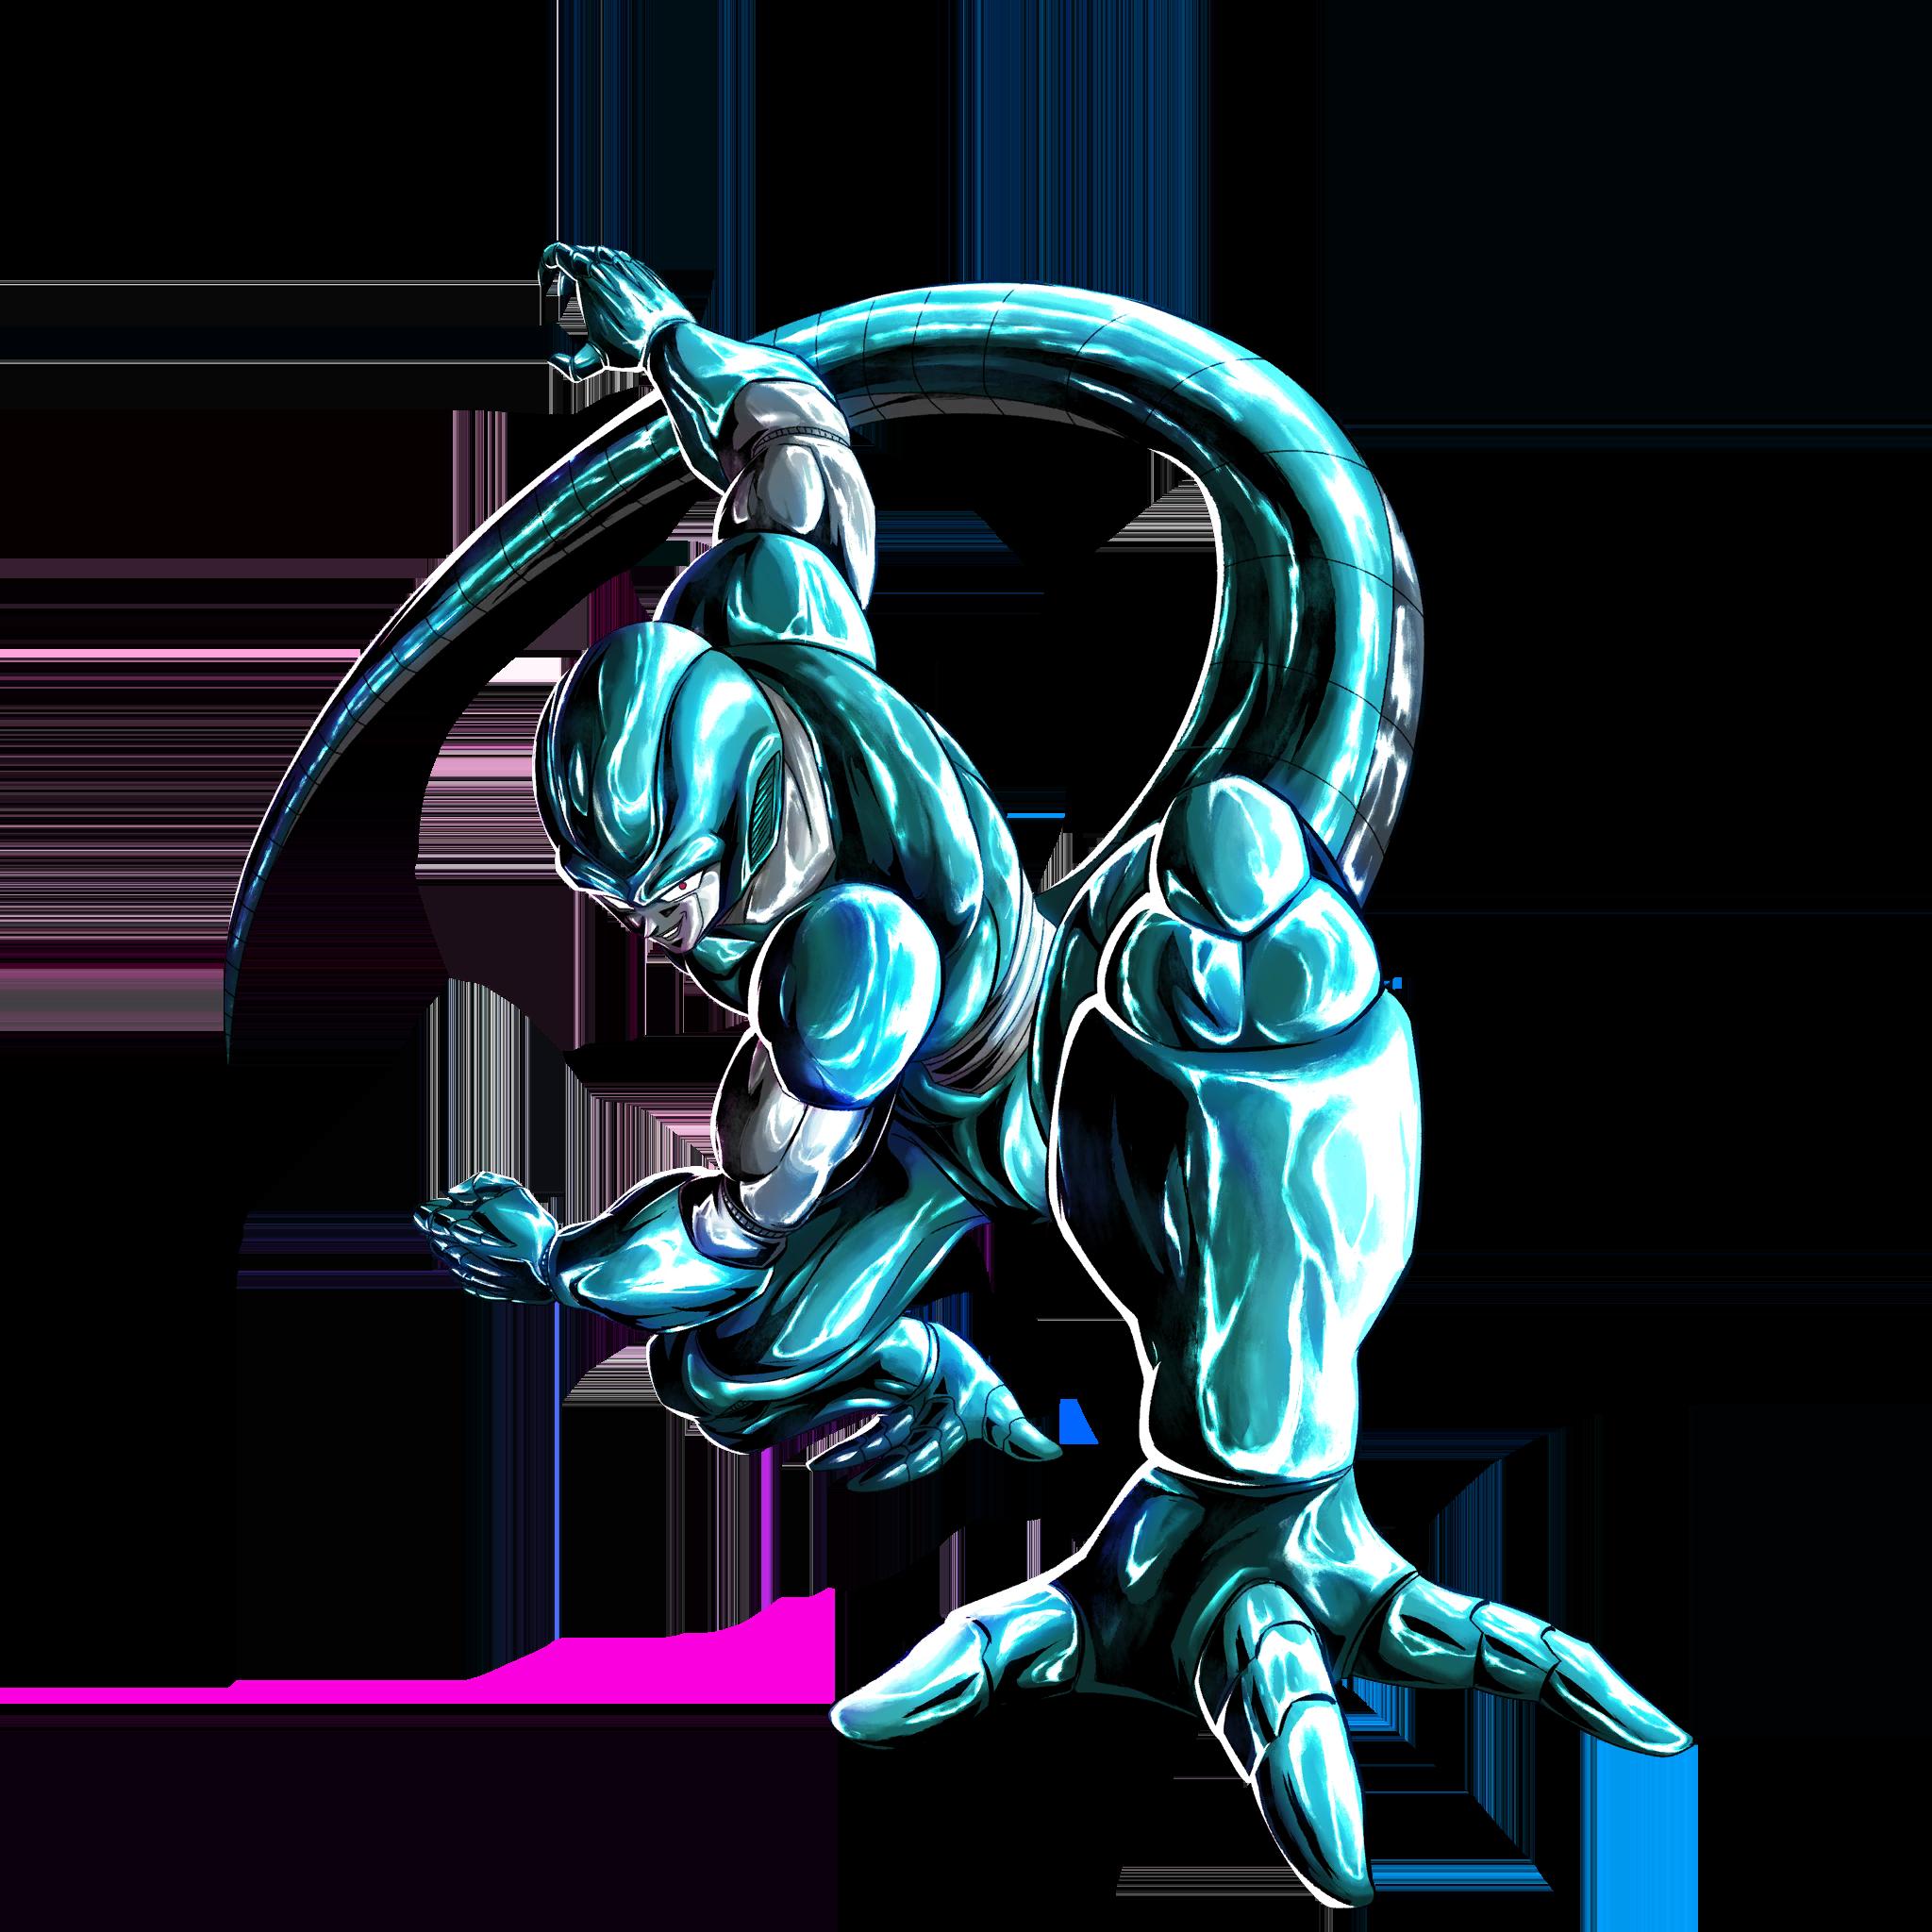 Metal Cooler render [DB Legends] by Maxiuchiha22 on DeviantArt